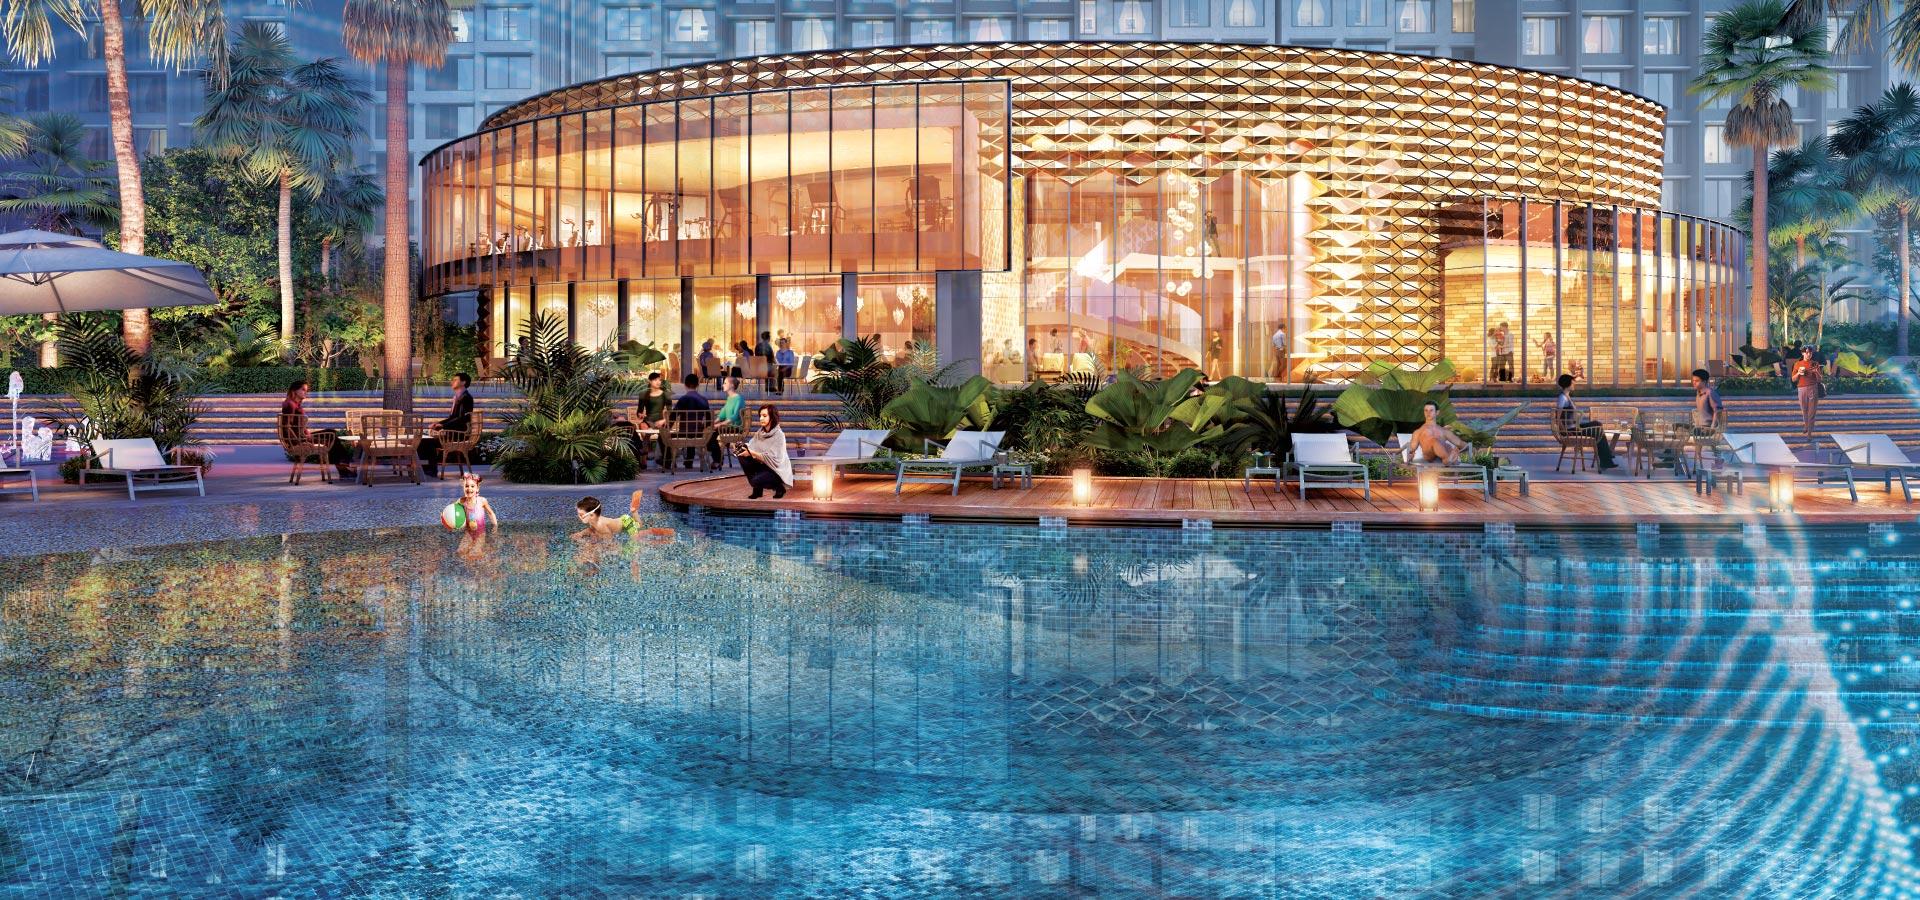 kanakia Future City